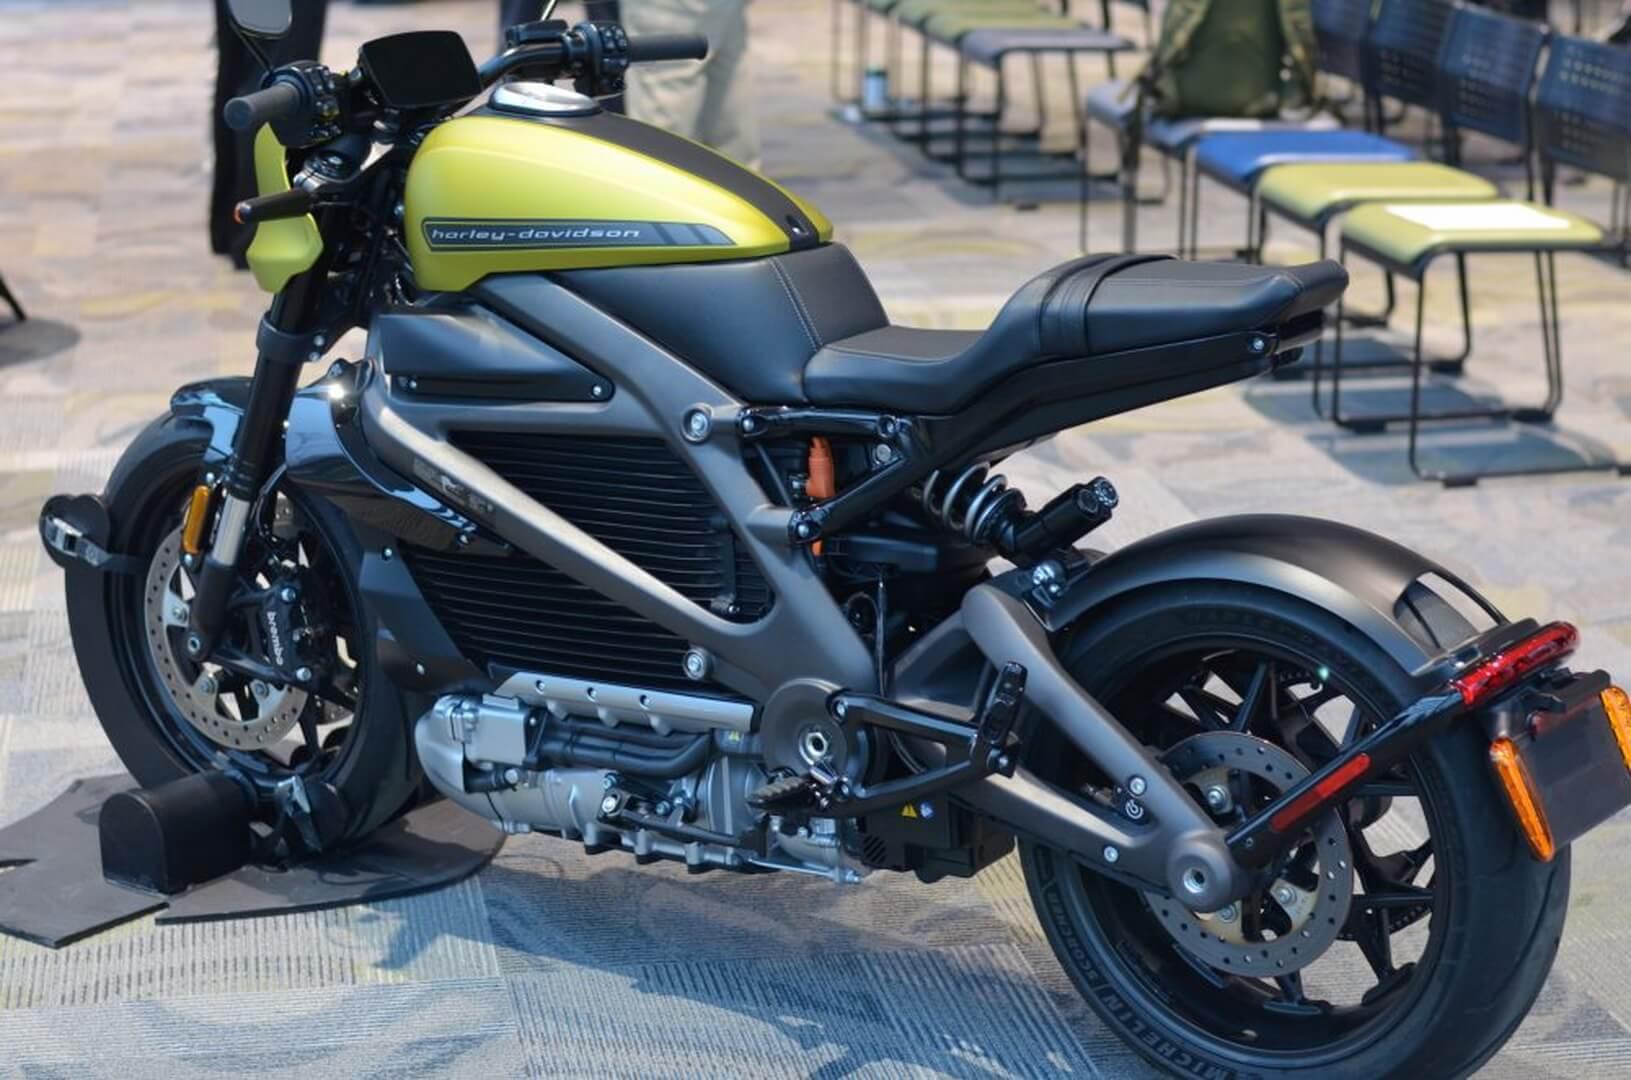 Электрический мотоцикл LiveWire Harley-Davidson навыставке CES 2019в Лас-Вегасе